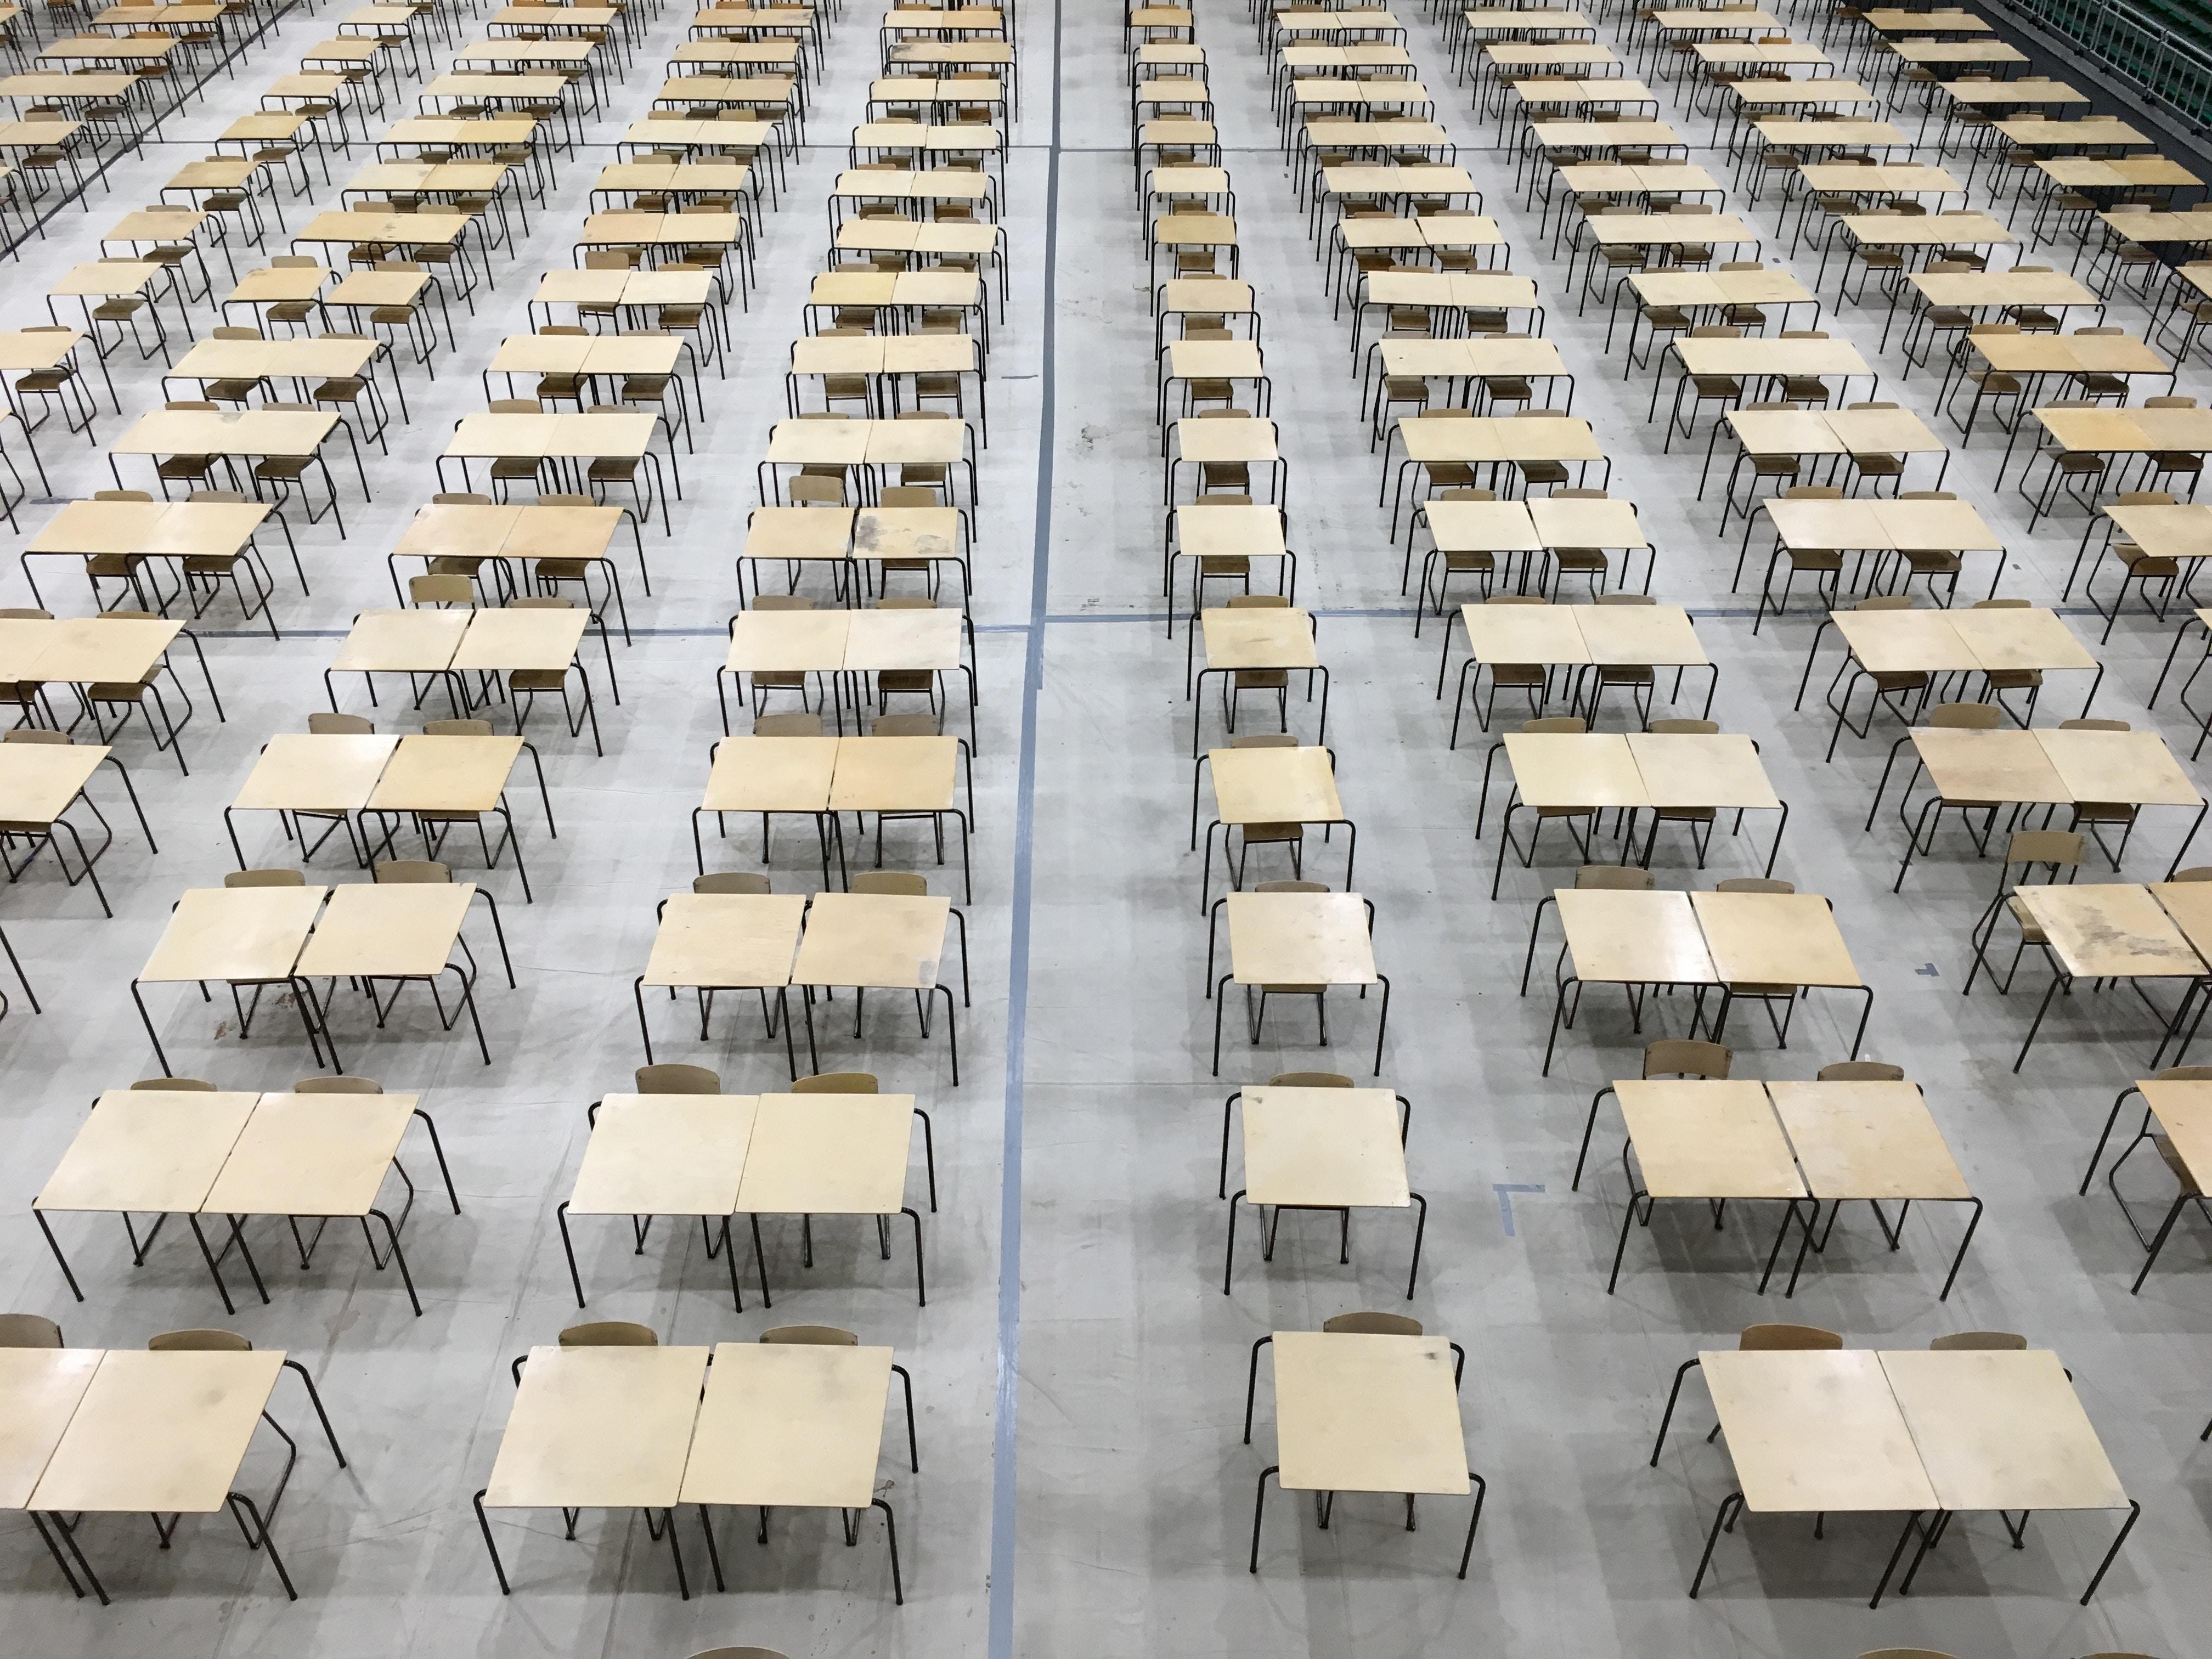 Bar Exam Testing